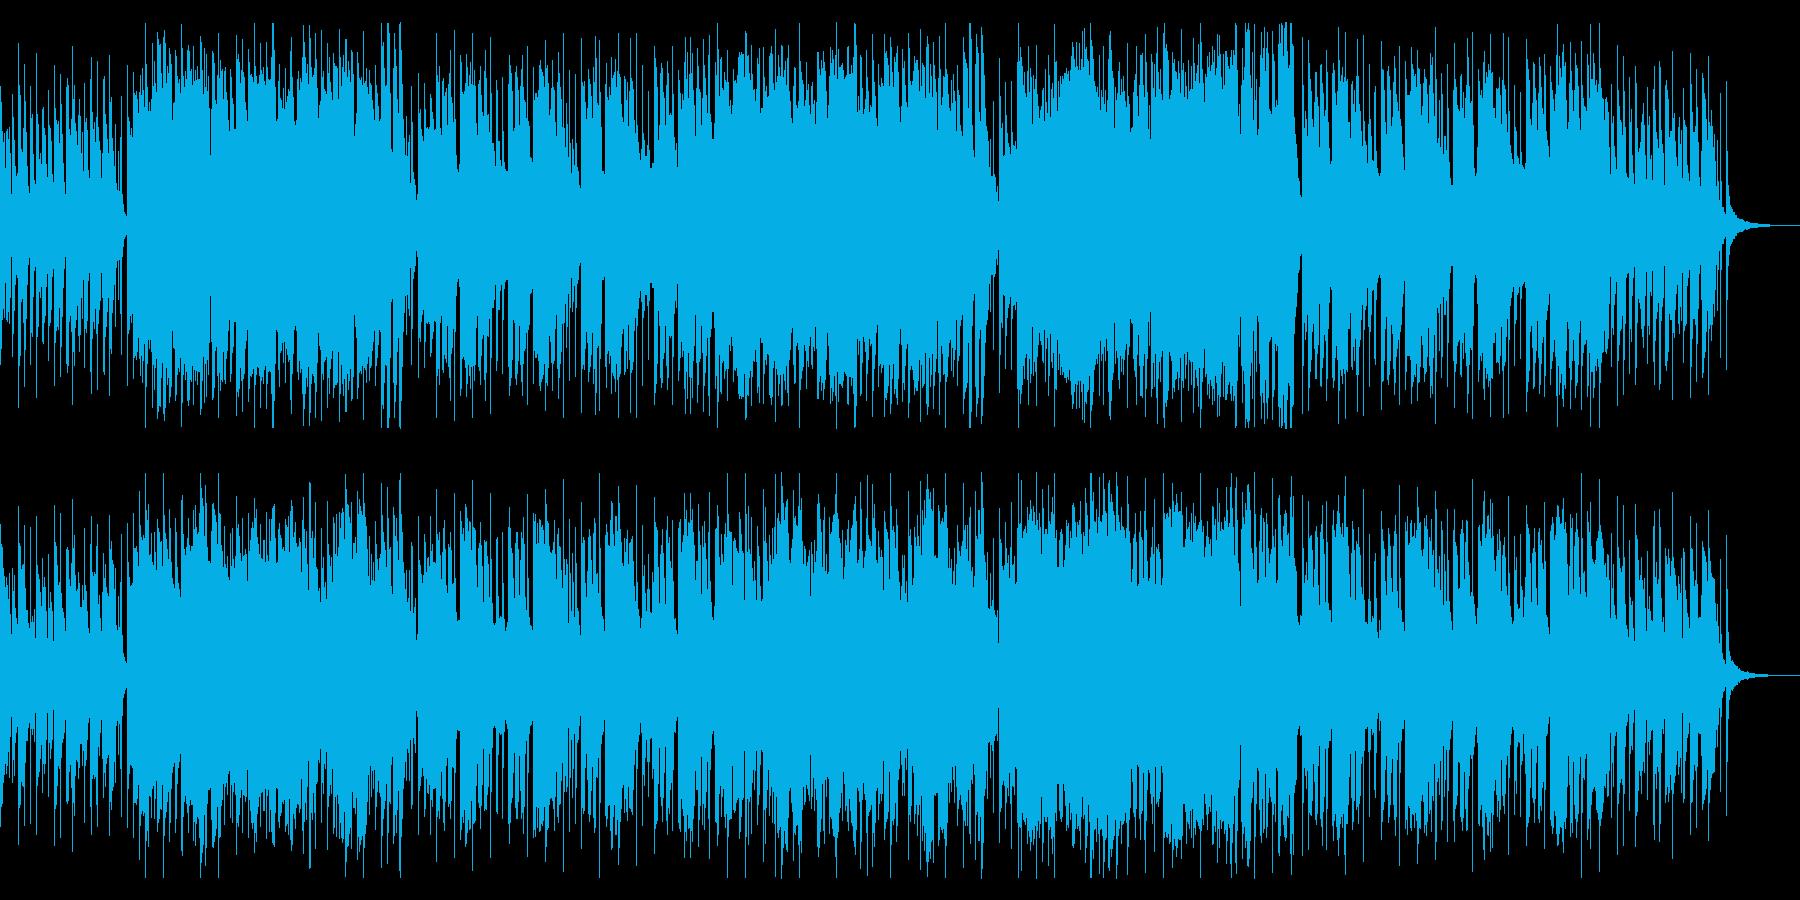 ダークで軽快なワルツのハロウィンBGMの再生済みの波形